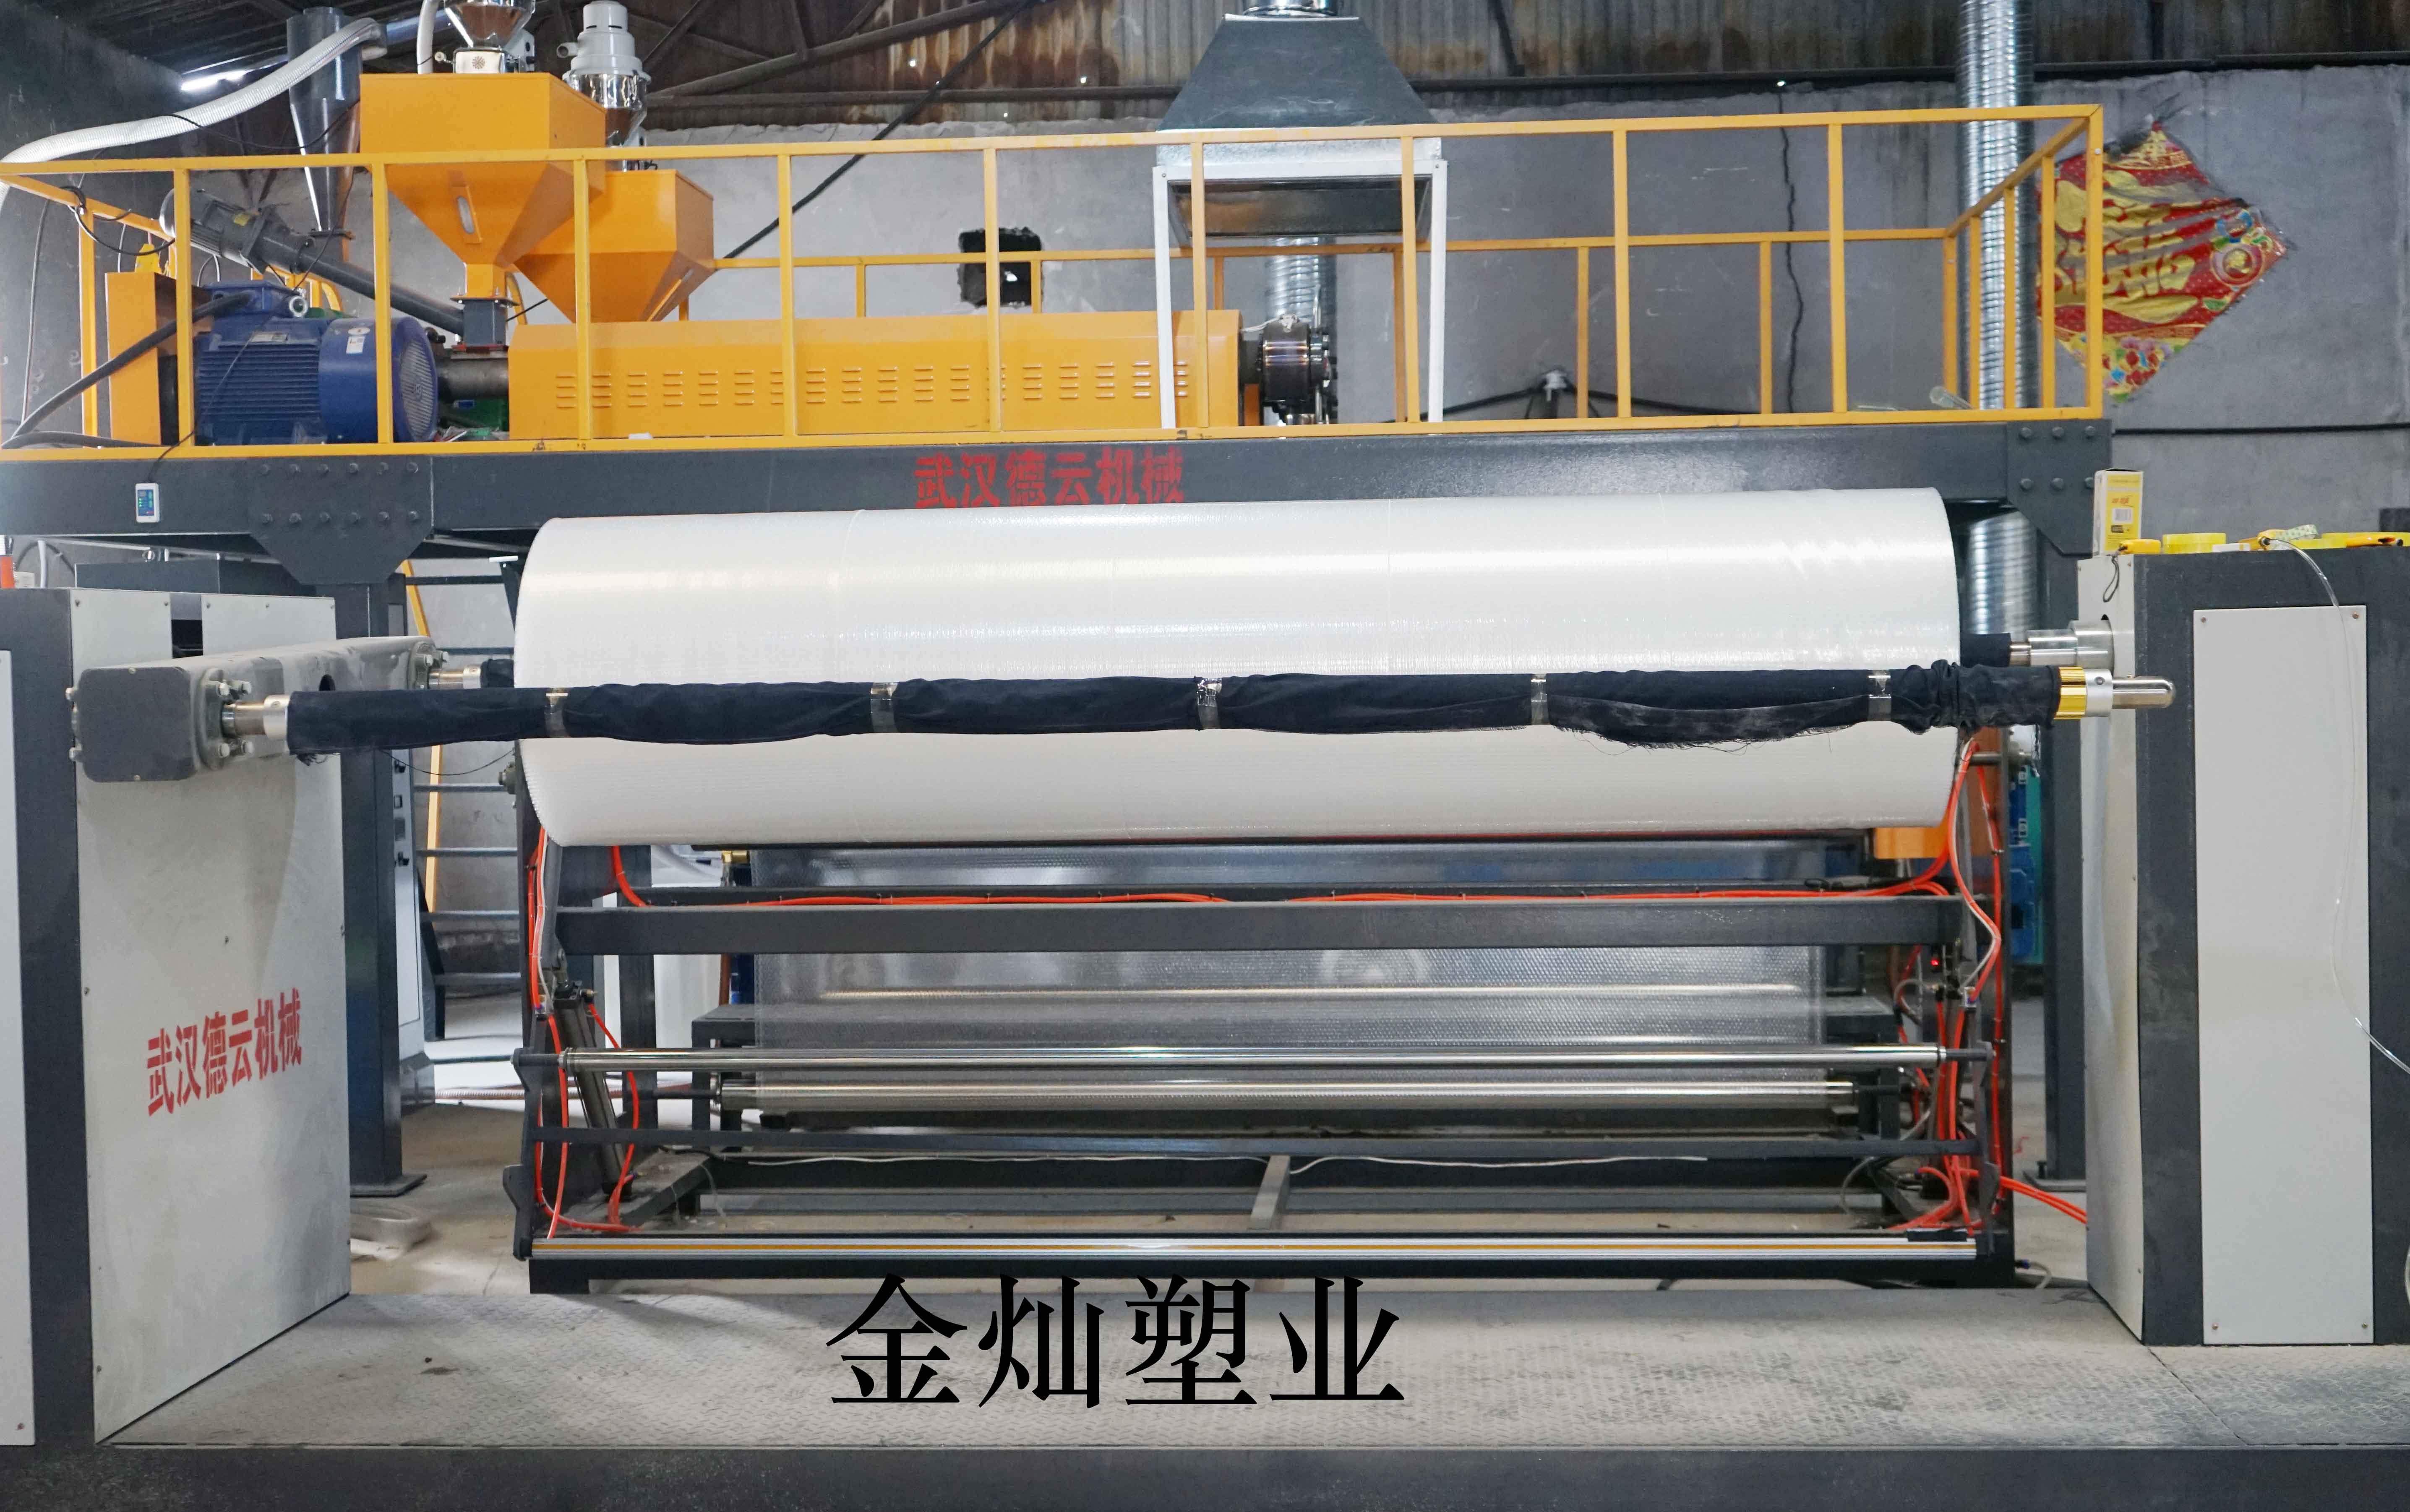 上海双层气垫膜批发厂家 诚信经营 金灿塑业供应